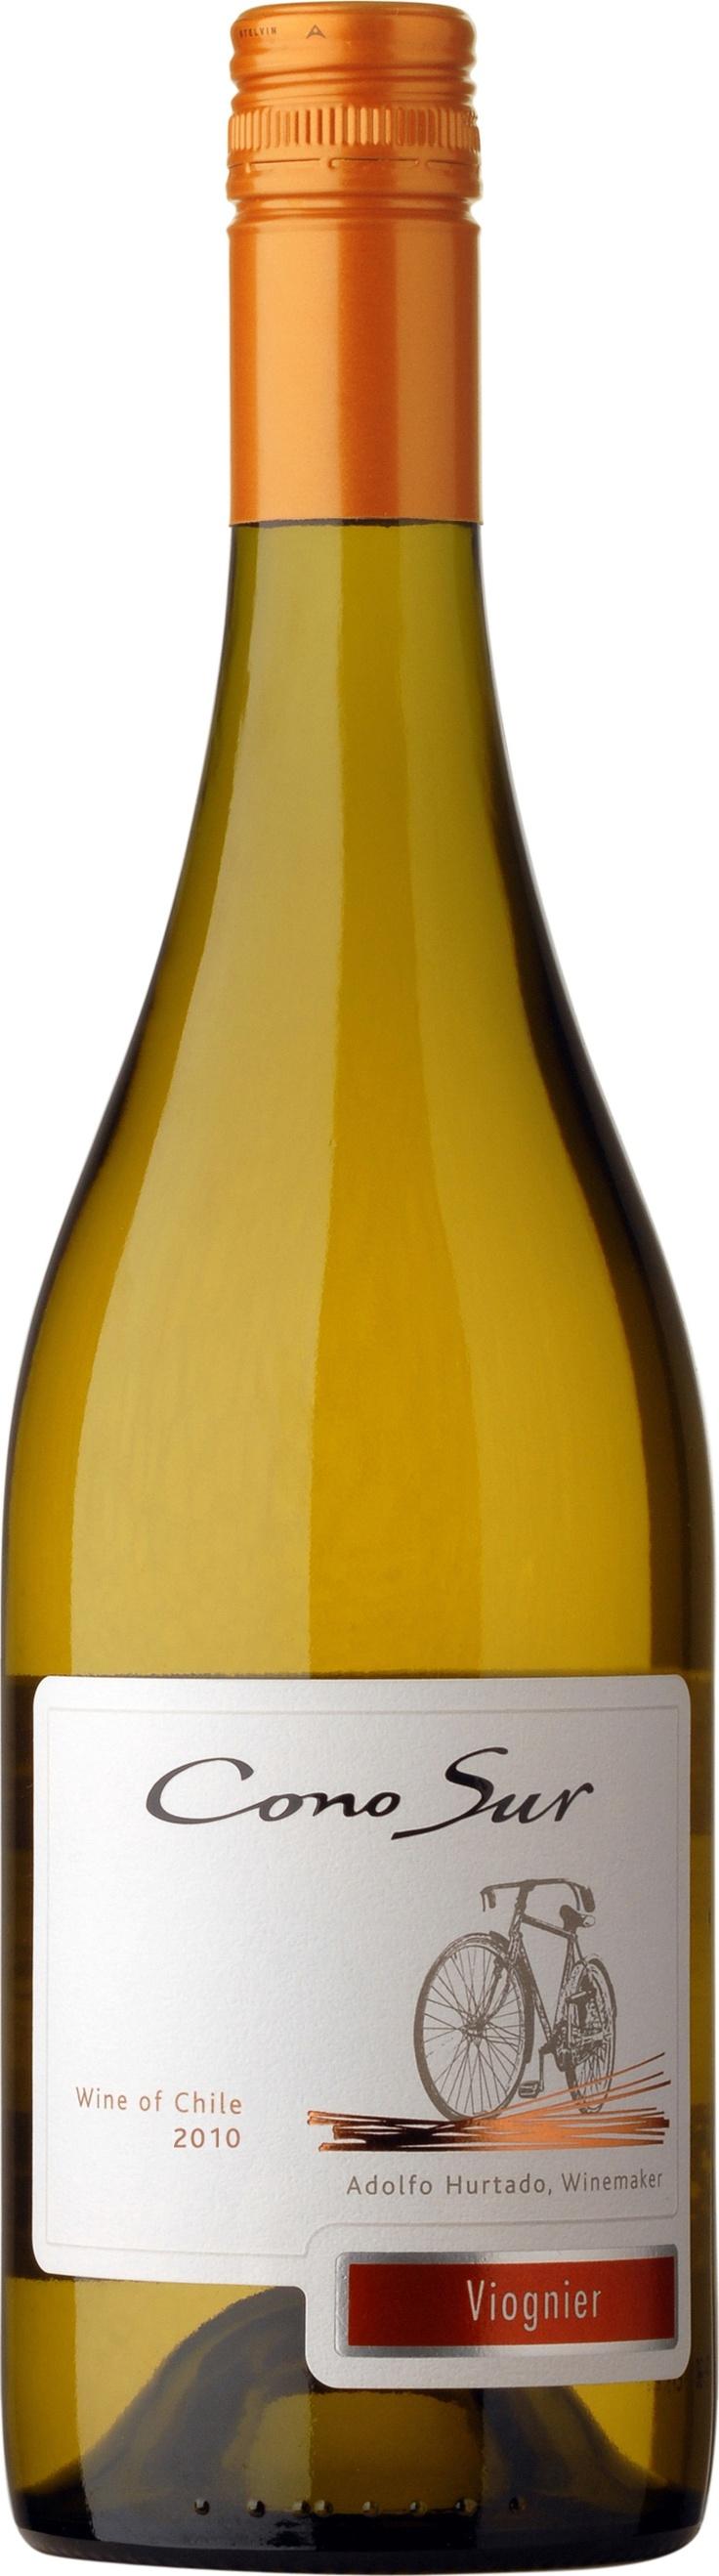 Cono Sur Viognier www.conosurseasons.com/wine-gallery